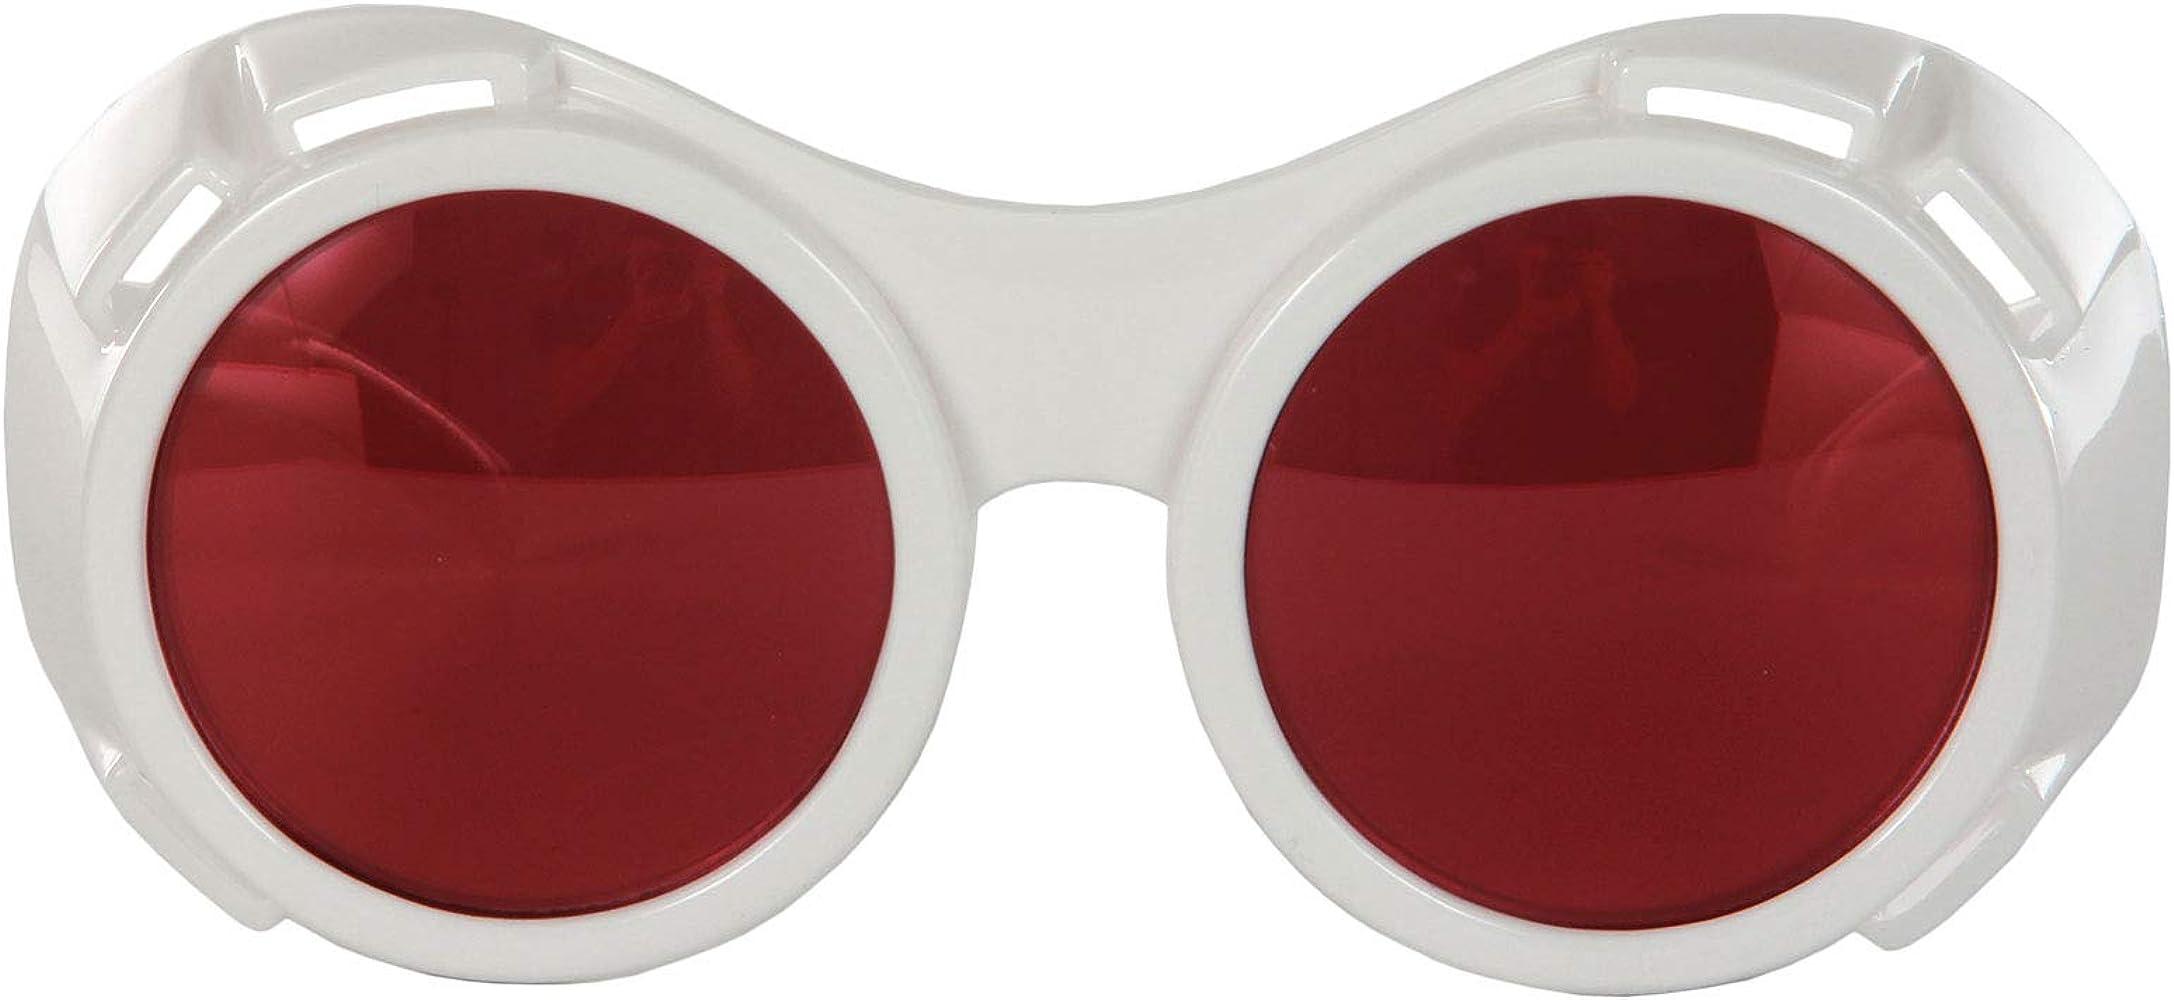 Amazon.com: Elope blanco y rojo Hyper anteojos de visión ...